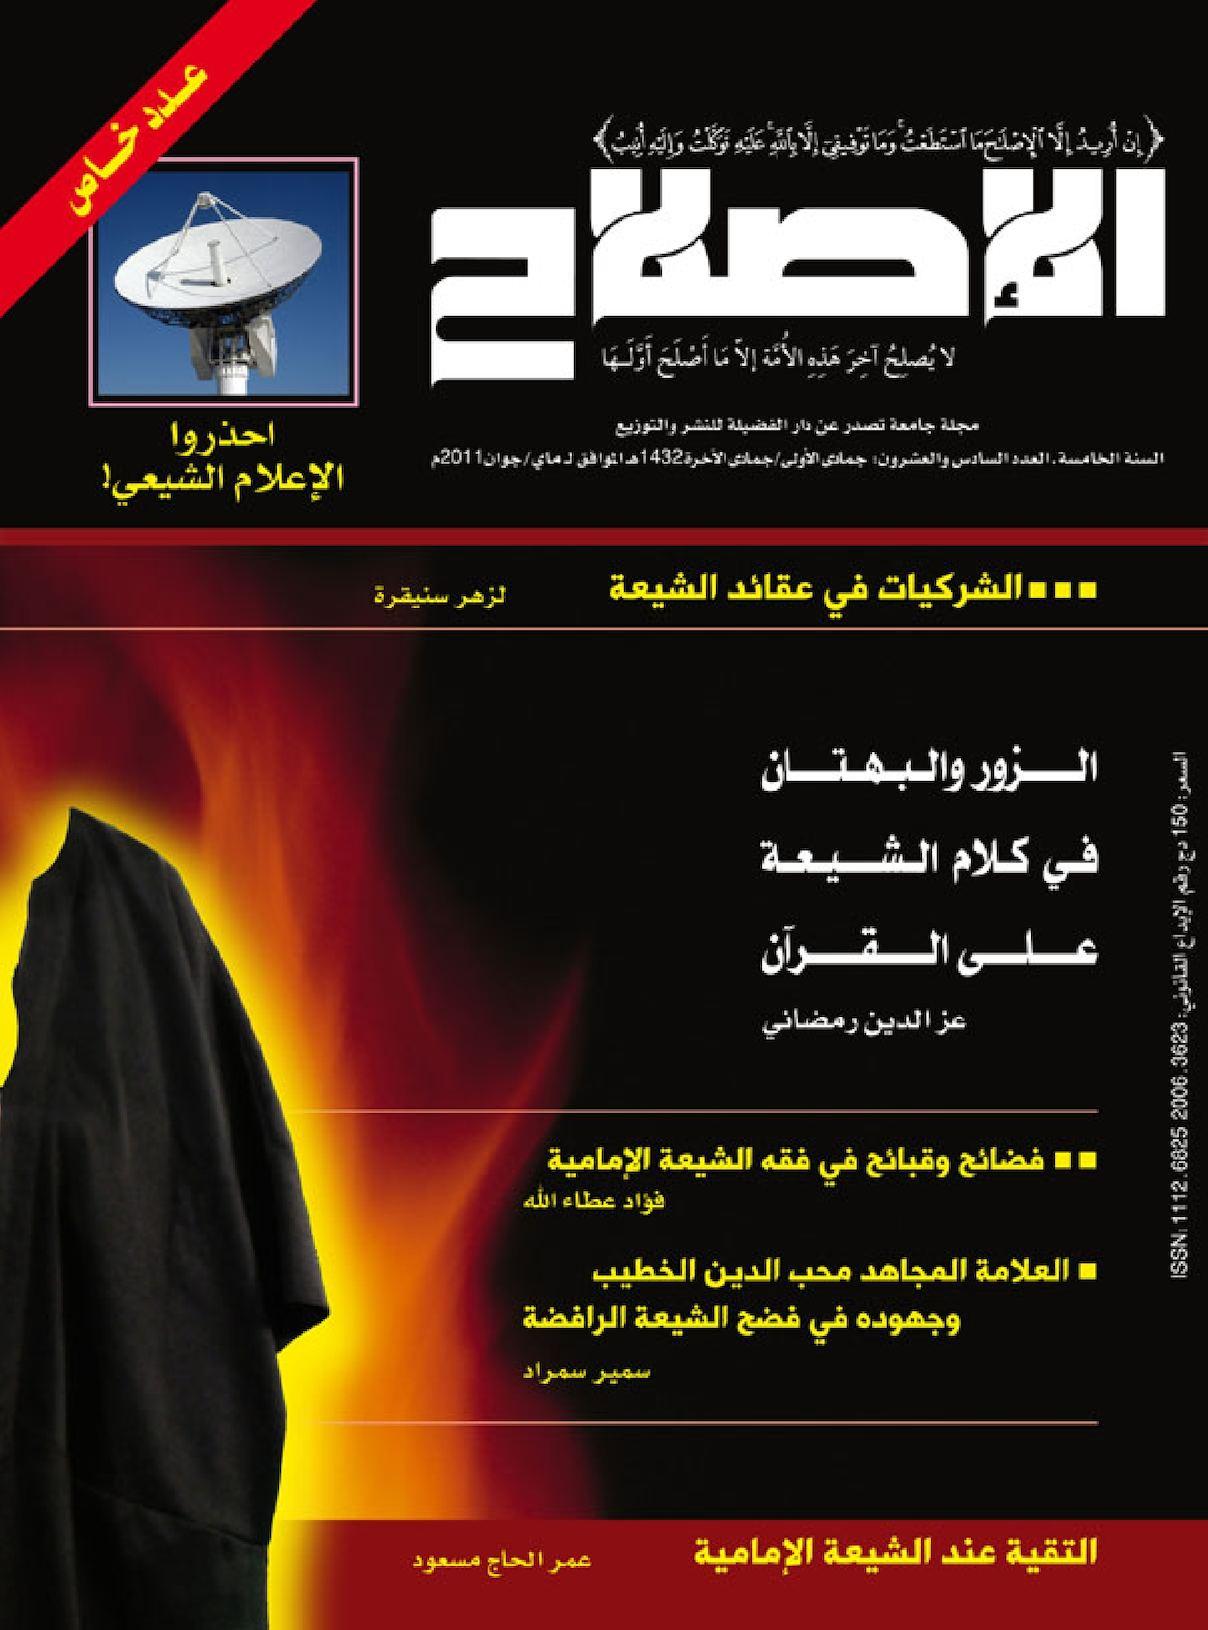 26 مجلة الإصلاح العدد 26 خاص عن الشيعة